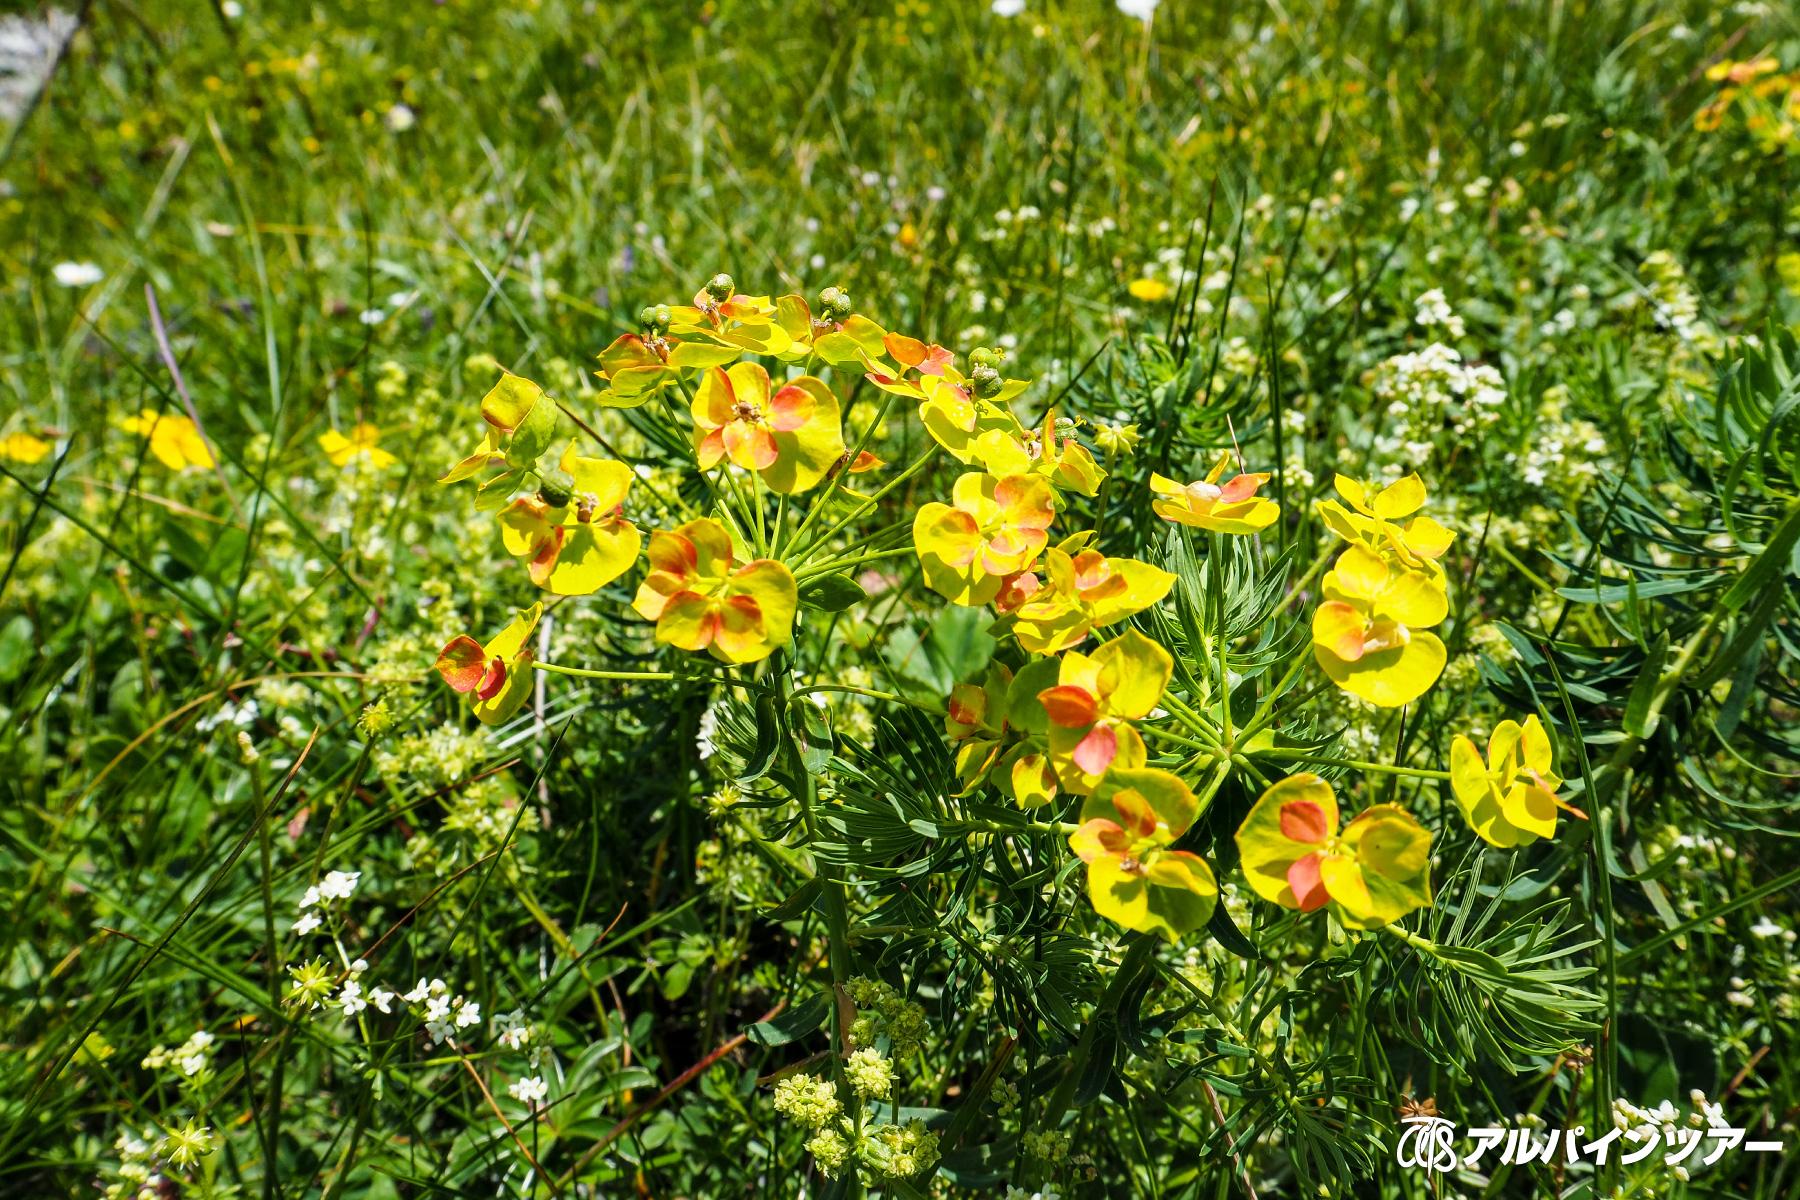 【今日の花】 マツバトウダイ